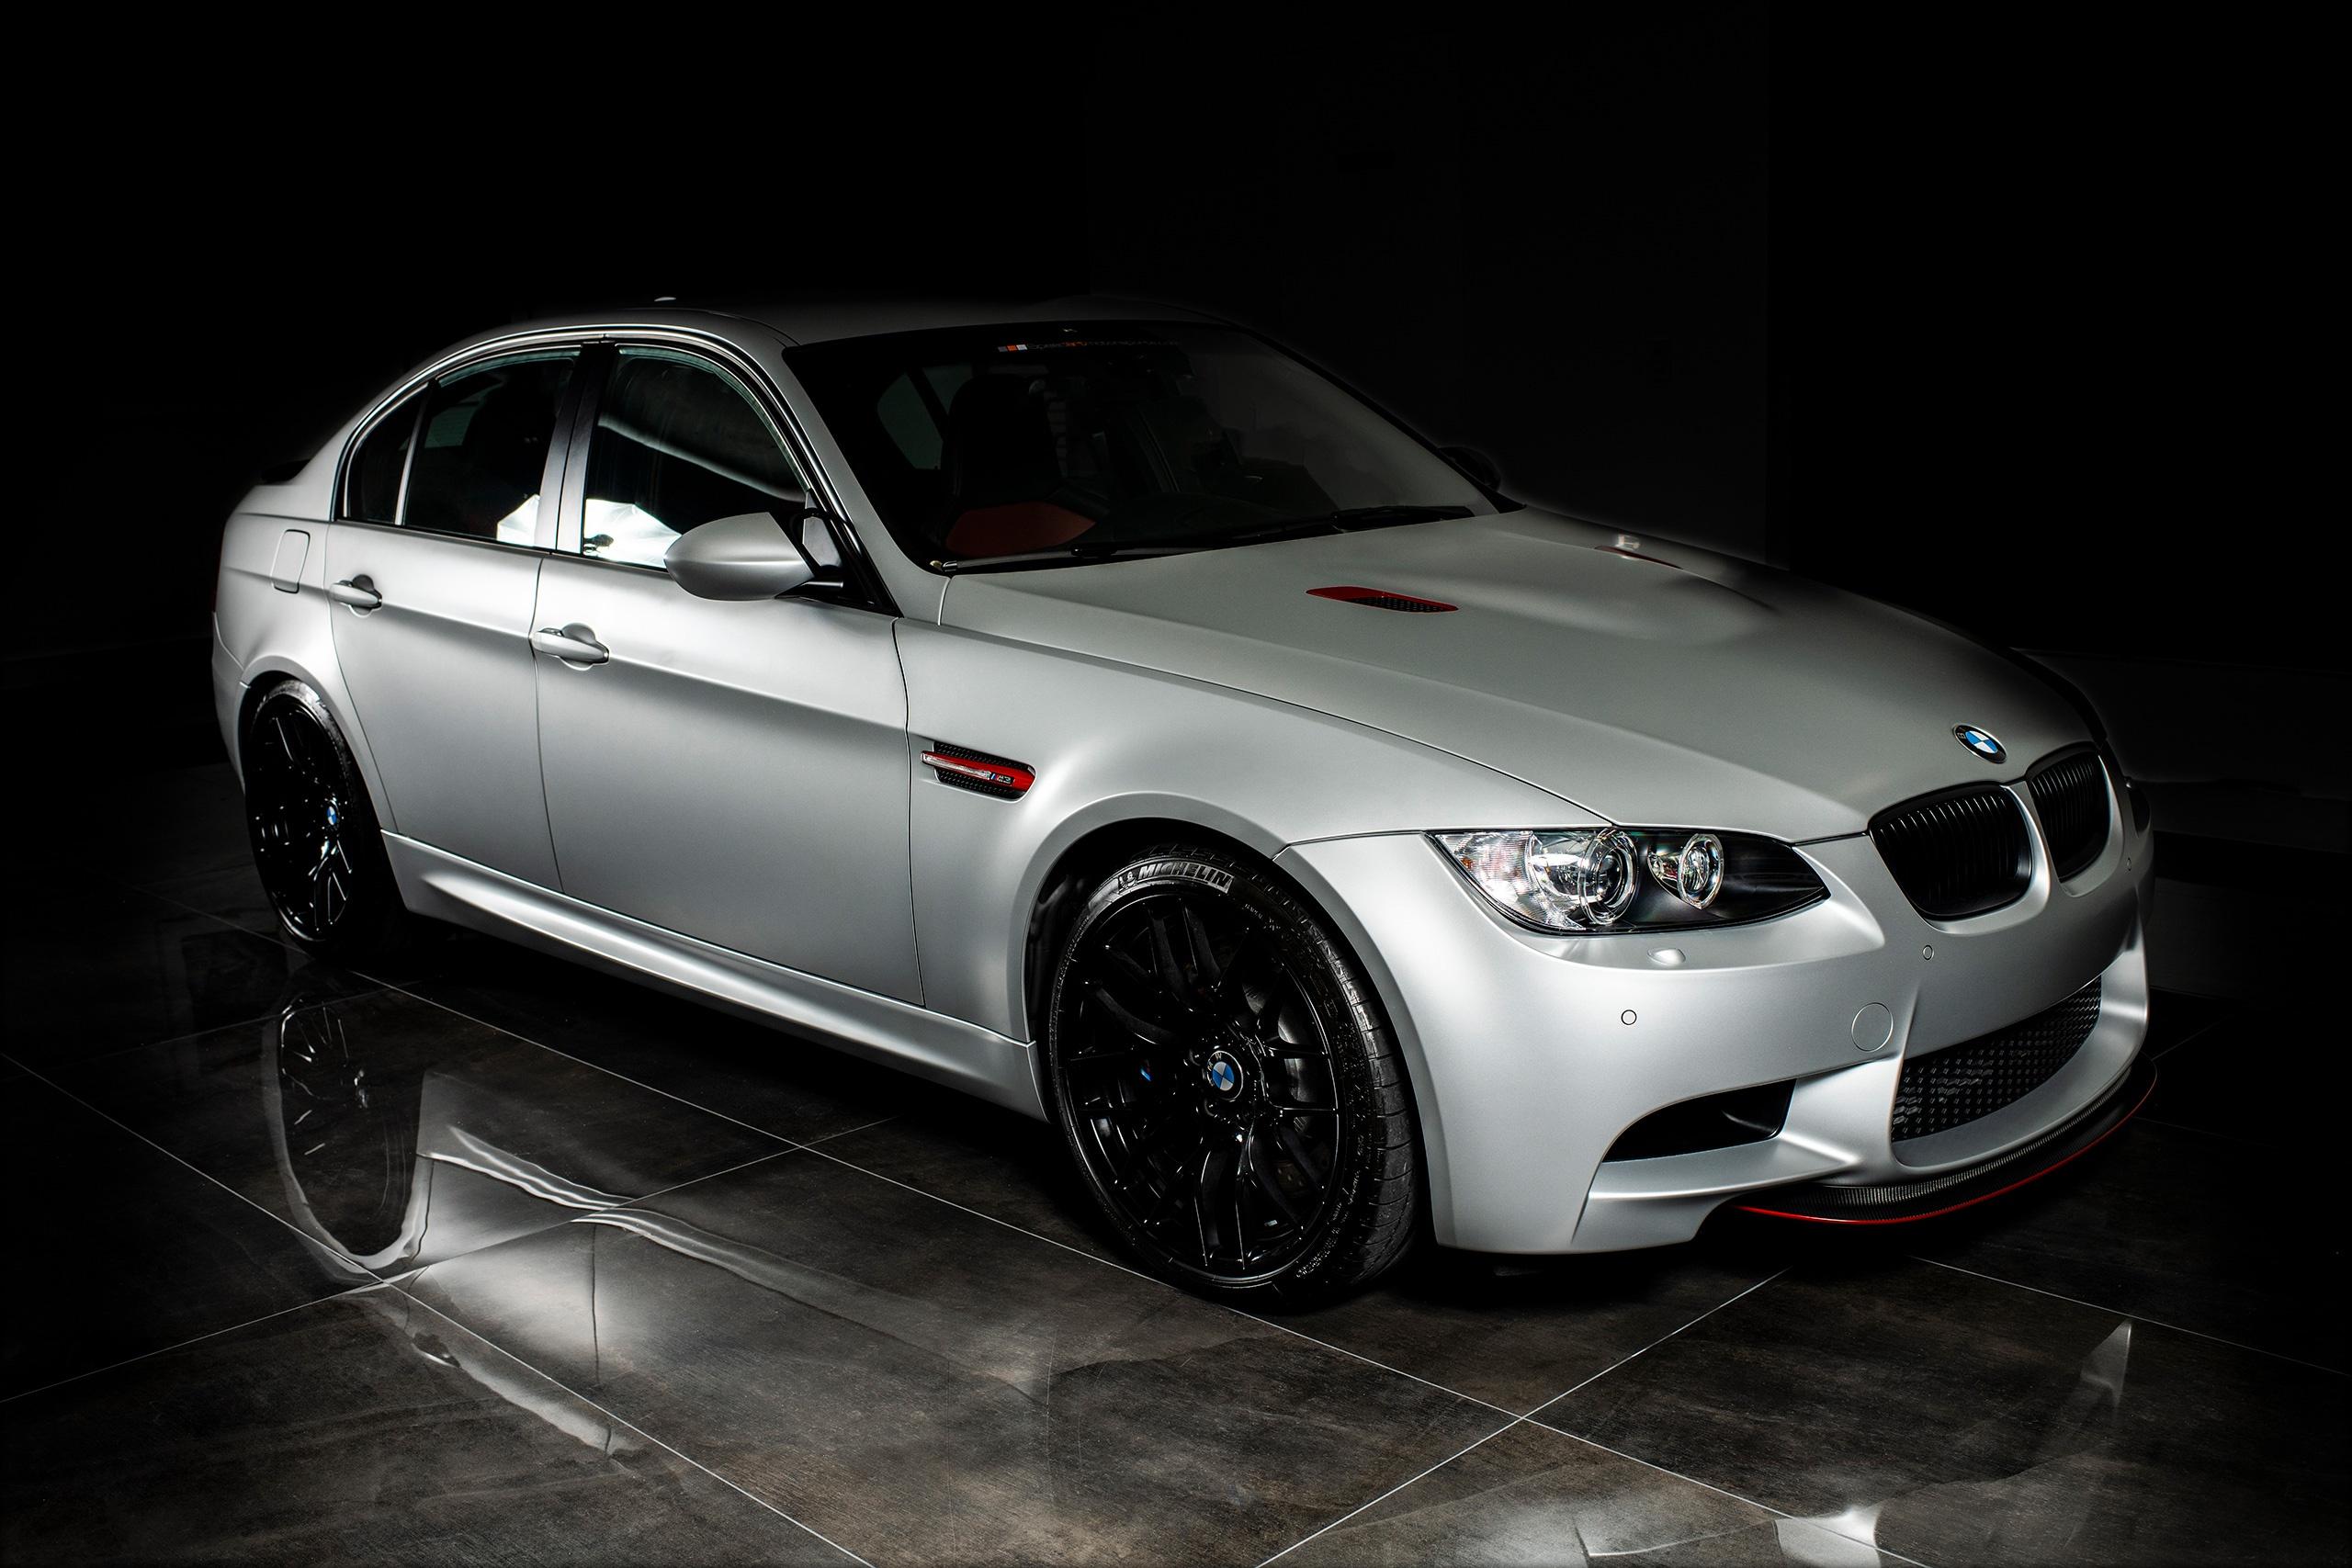 2012 Bmw M3 Crt Lightweight Classic Driver Market